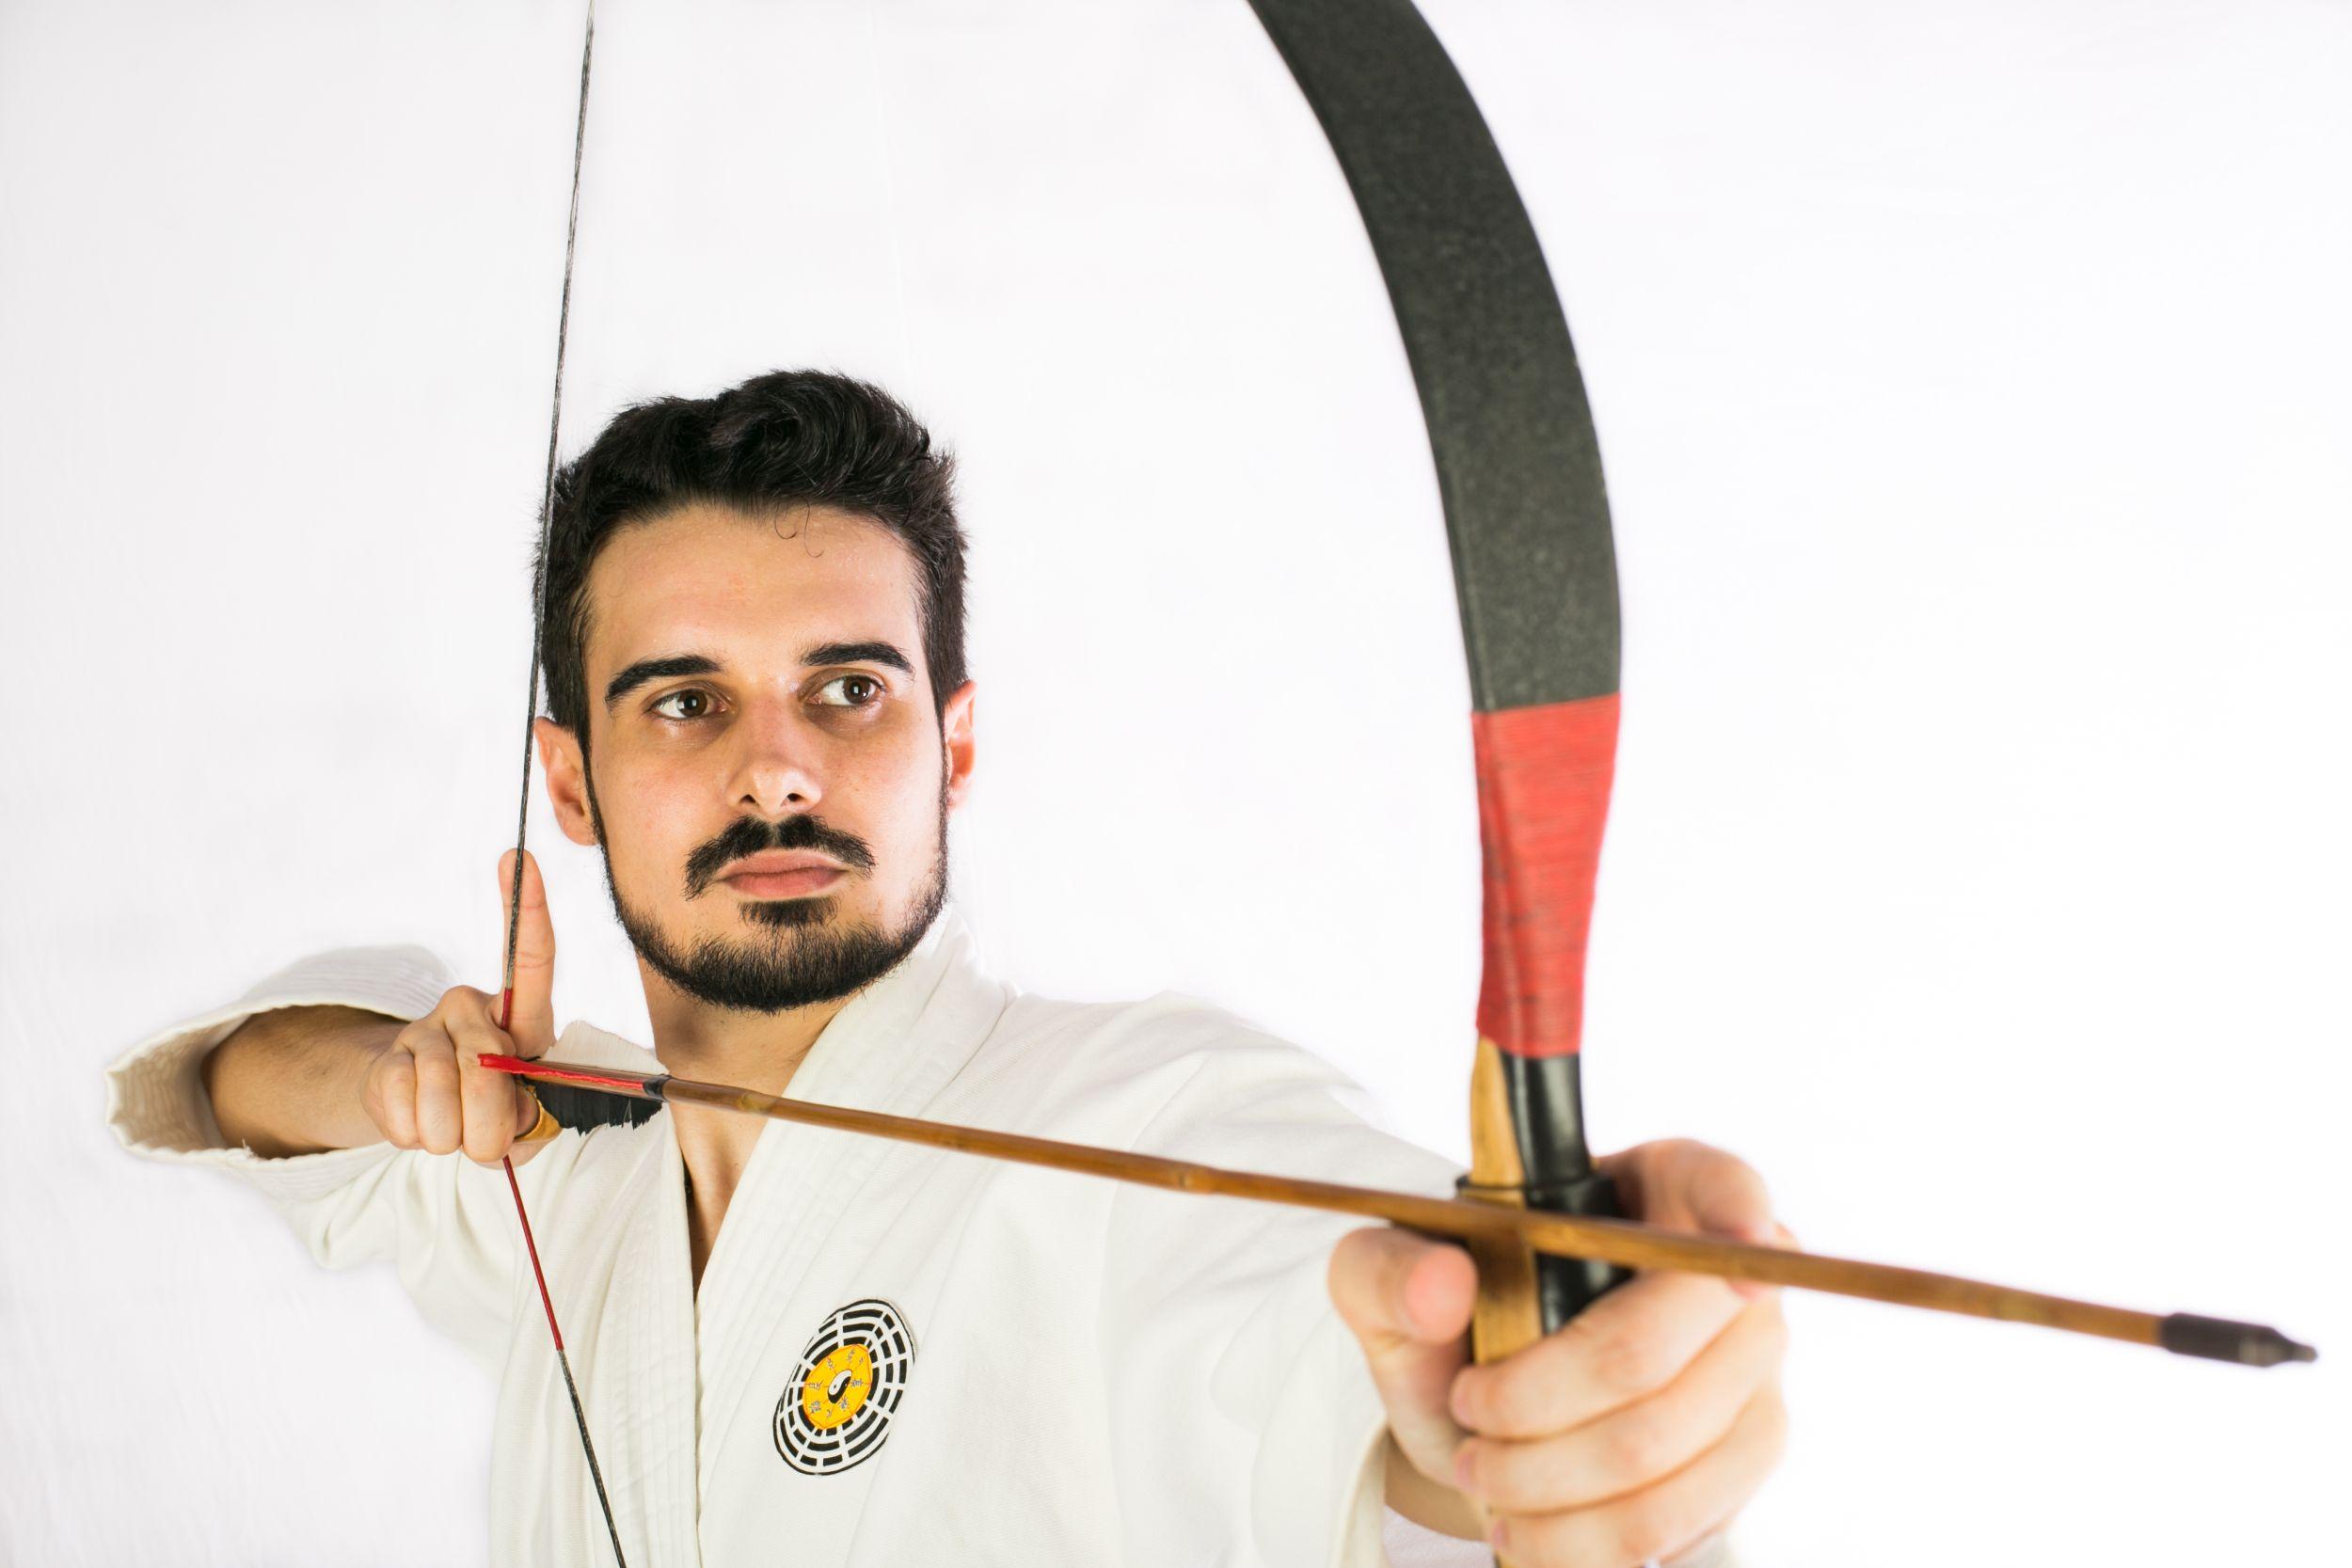 No fim de semana você pode atirar com arco e flecha de graça em Curitiba